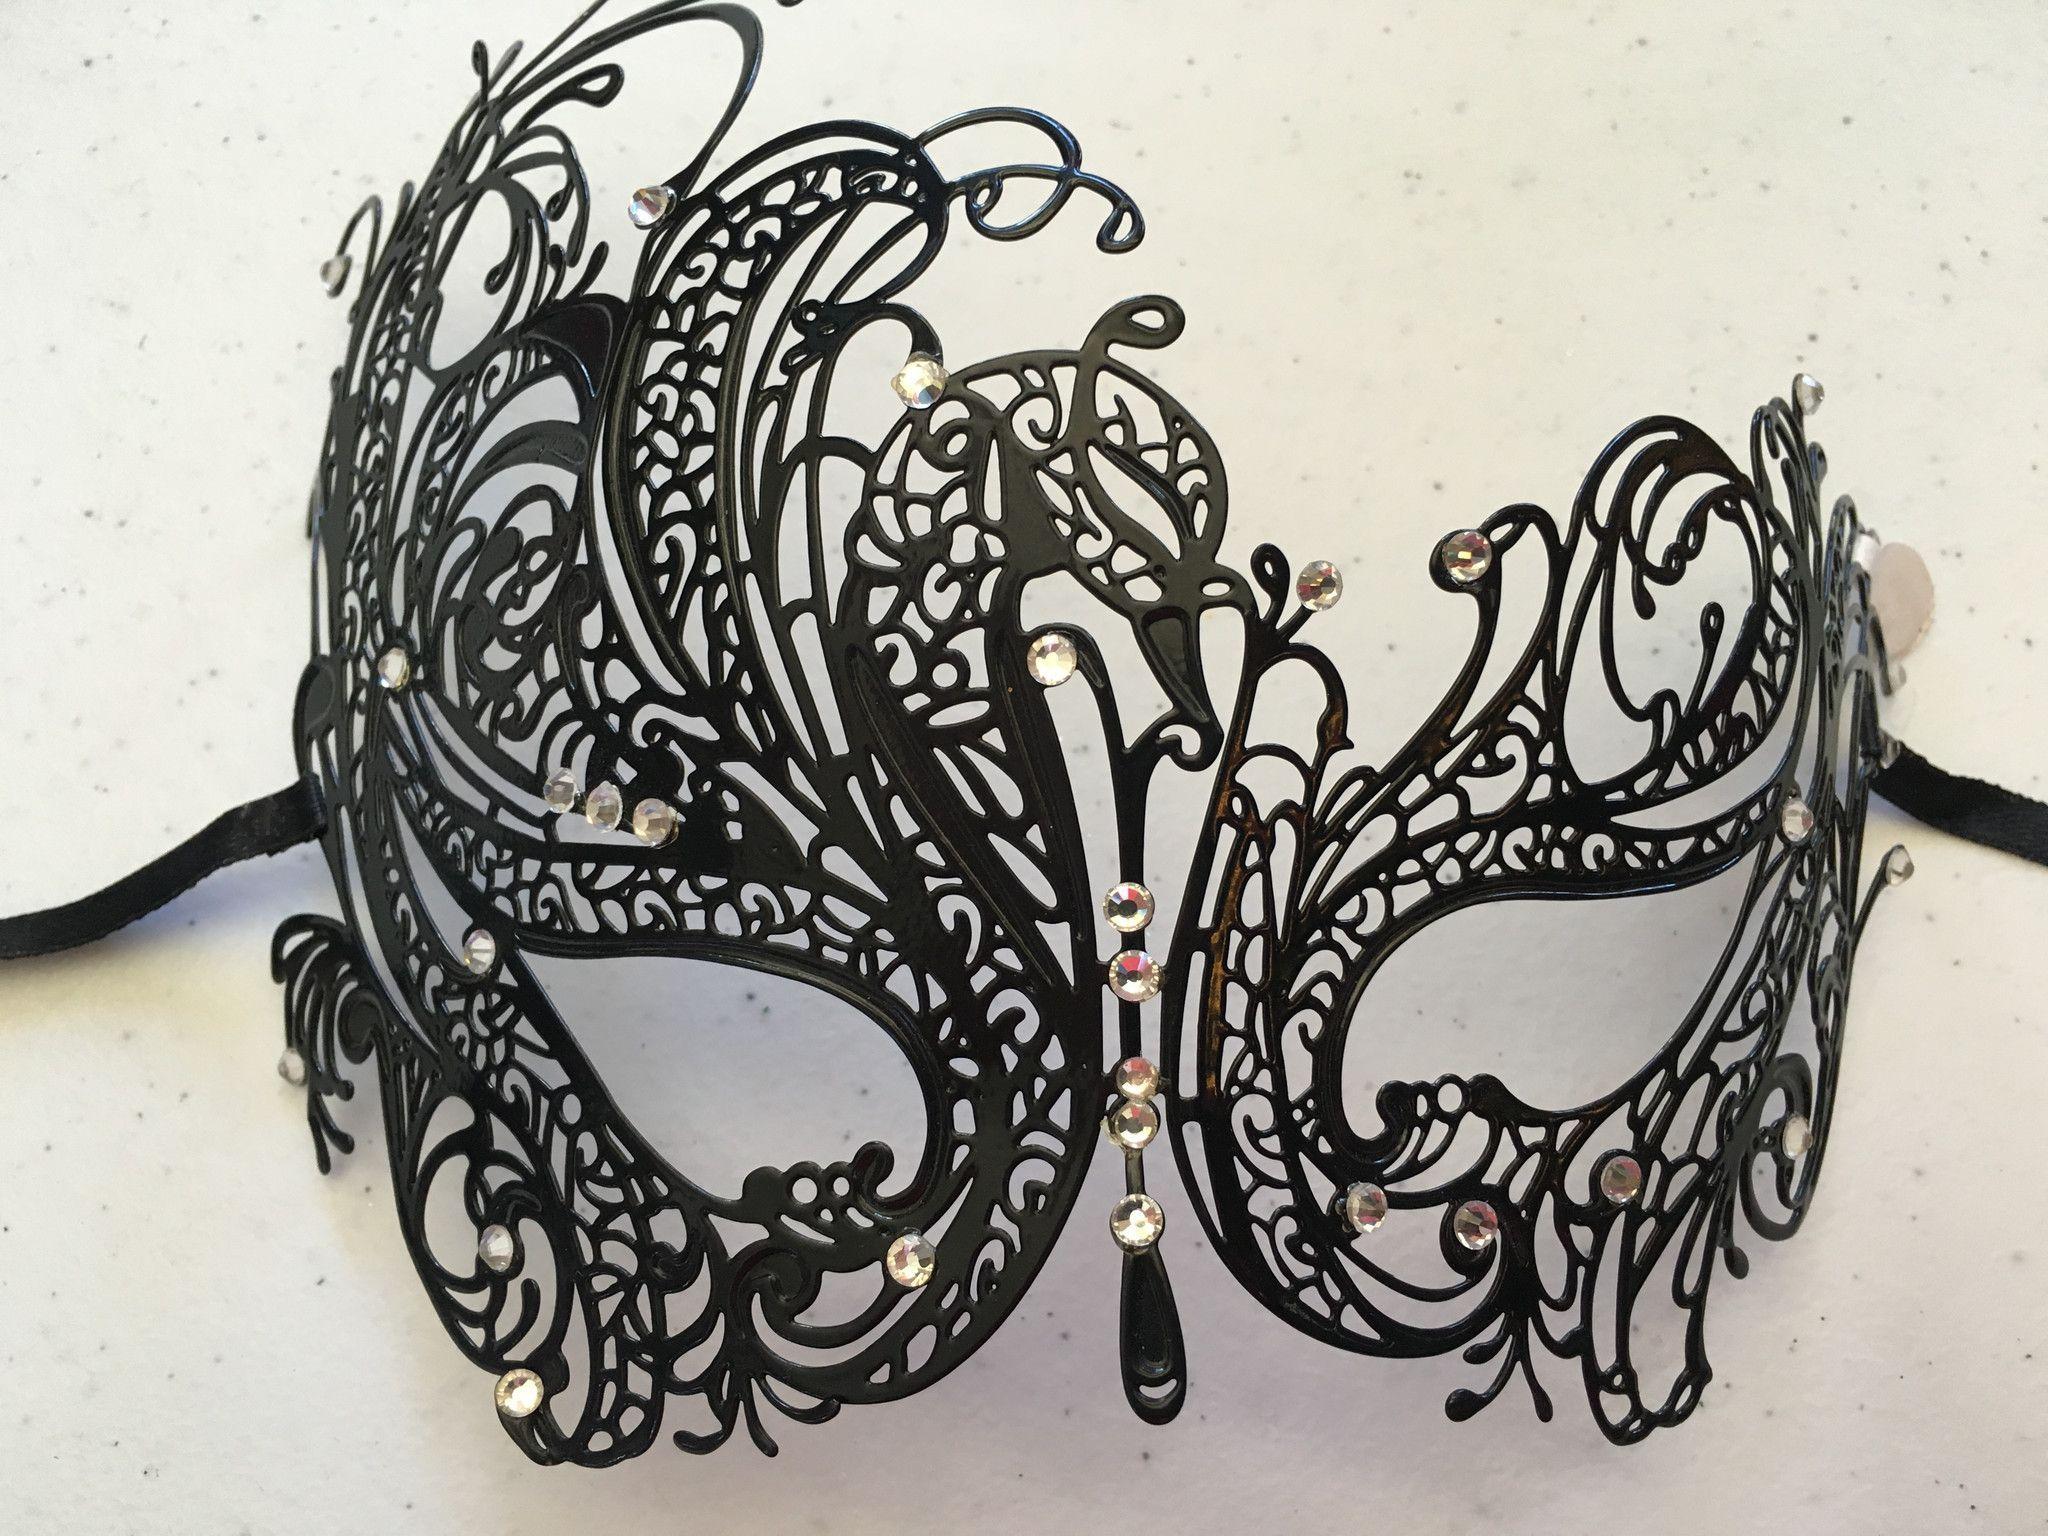 Metal Mardi Gras Mask